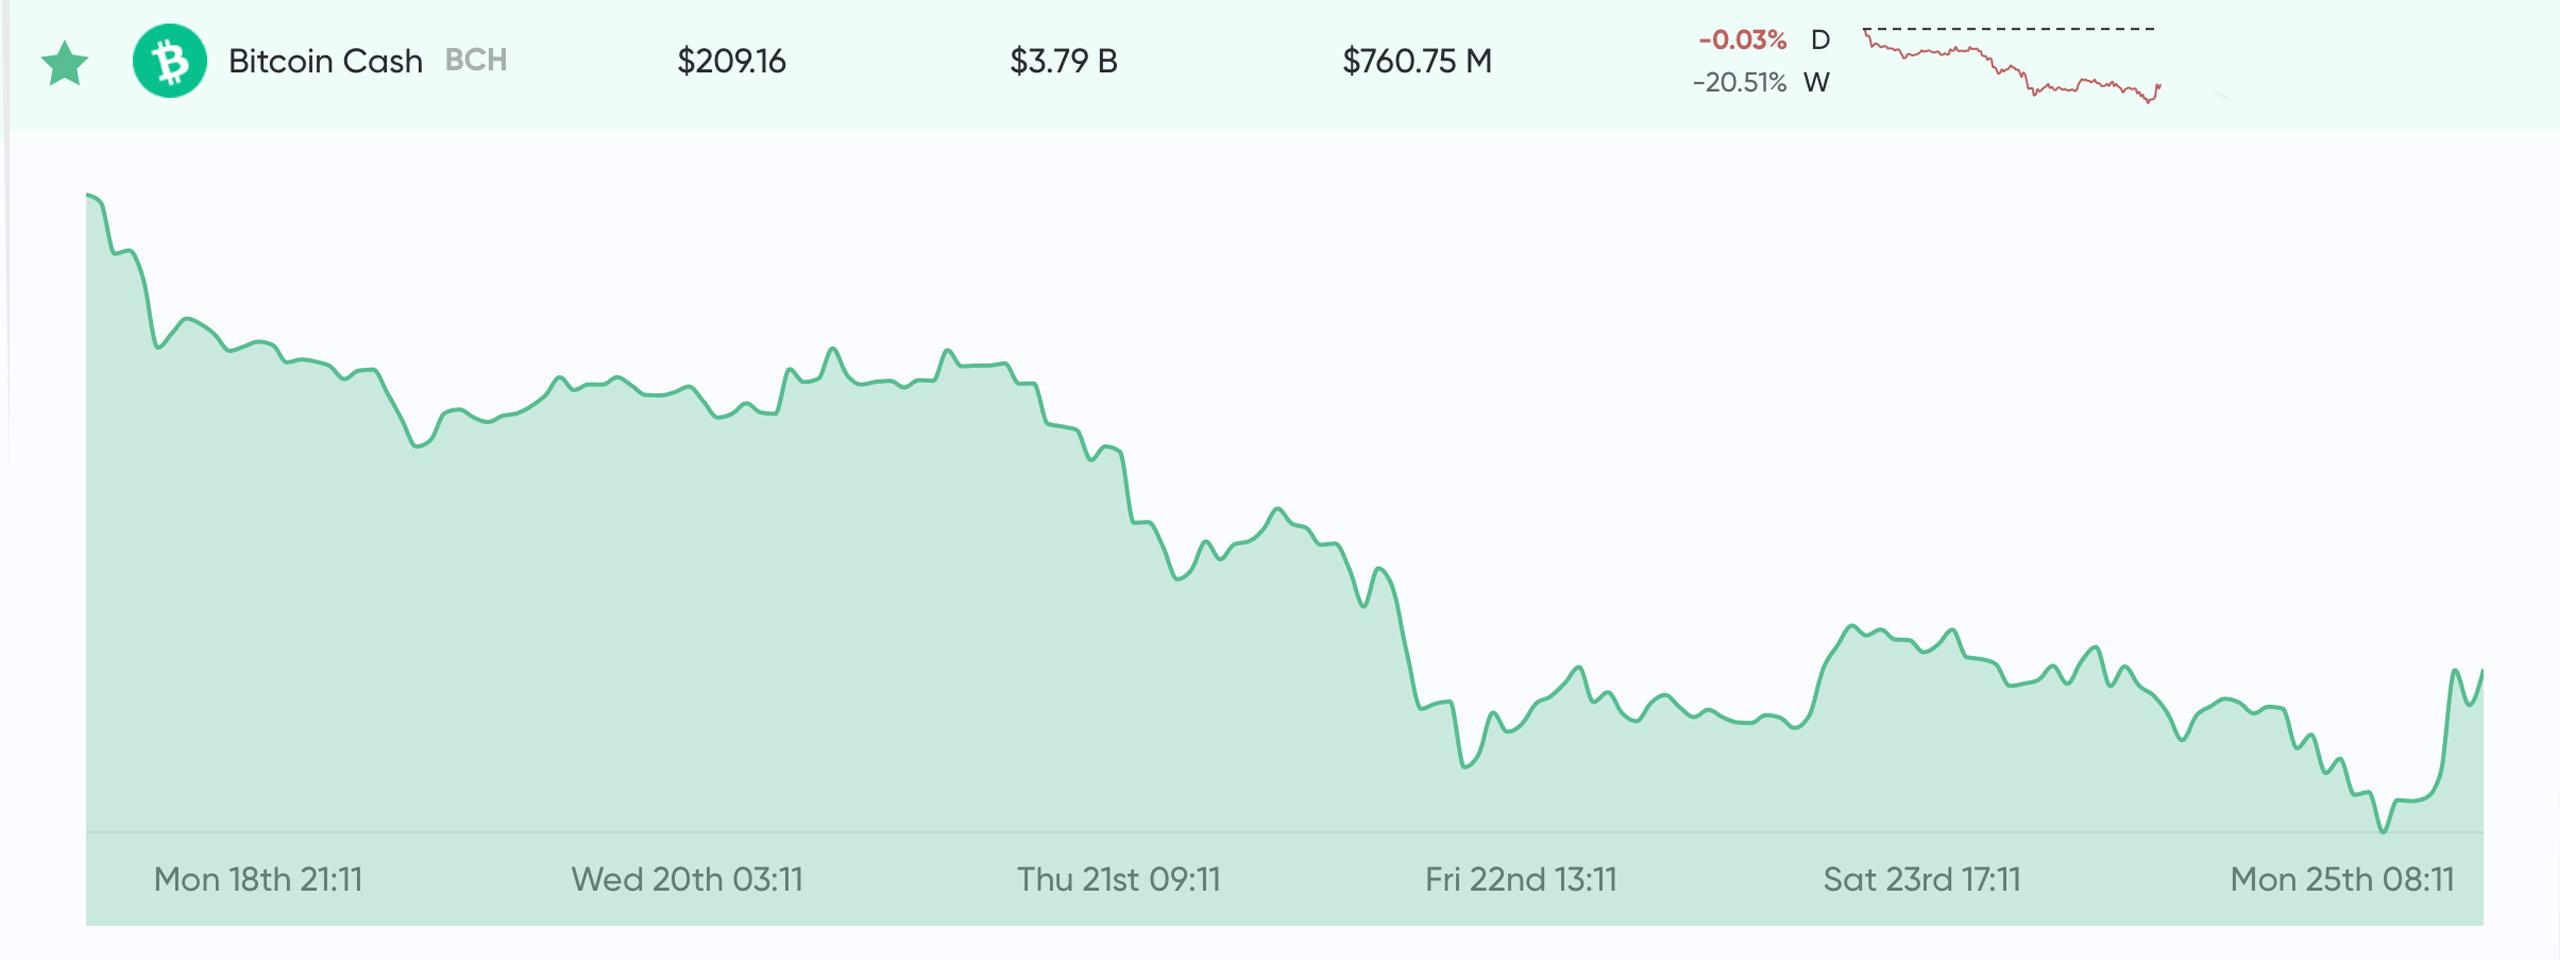 """Actualización del mercado: huelgas de incertidumbre Crypto Traders Después de una tendencia bajista de una semana """"width ="""" 2560 """"height ="""" 960 """"srcset ="""" https://blackswanfinances.com/wp-content/uploads/2019/11/bch66eyyryyryhhffhhfhf.jpg 2560w, https: // news. bitcoin.com/wp-content/uploads/2019/11/bch66eyyryyryhhffhhfhf-300x113.jpg 300w, https://news.bitcoin.com/wp-content/uploads/2019/11/bch66eyyryyryhhffhhfhf-1024x384.jpg 1024w, https: //news.bitcoin.com/wp-content/uploads/2019/11/bch66eyyryyryhhffhhfhf-768x288.jpg 768w, https://news.bitcoin.com/wp-content/uploads/2019/11/bch66eyyryyryhhffhhfhf-1536x576.jpg 1536w, https://news.bitcoin.com/wp-content/uploads/2019/11/bch66eyyryyryhhffhhfhf-2048x768.jpg 2048w, https://news.bitcoin.com/wp-content/uploads/2019/11/bch66eyyryyryhhffhhfhf -696x261.jpg 696w, https://news.bitcoin.com/wp-content/uploads/2019/11/bch66eyyryyryhhffhhfhf-1 392x522.jpg 1392w, https://news.bitcoin.com/wp-content/uploads/2019/11/bch66eyyryyryhhffhhfhf-1068x401.jpg 1068w, https://news.bitcoin.com/wp-content/uploads/2019/ 11 / bch66eyyryyryhhffhhfhf-1120x420.jpg 1120w, https://news.bitcoin.com/wp-content/uploads/2019/11/bch66eyyryyryhhffhhfhf-1920x720.jpg 1920w """"tamaños ="""" (ancho máximo: 2560px) 100vw, 2560p 19659011] En el momento de la publicación, tether (<a class="""